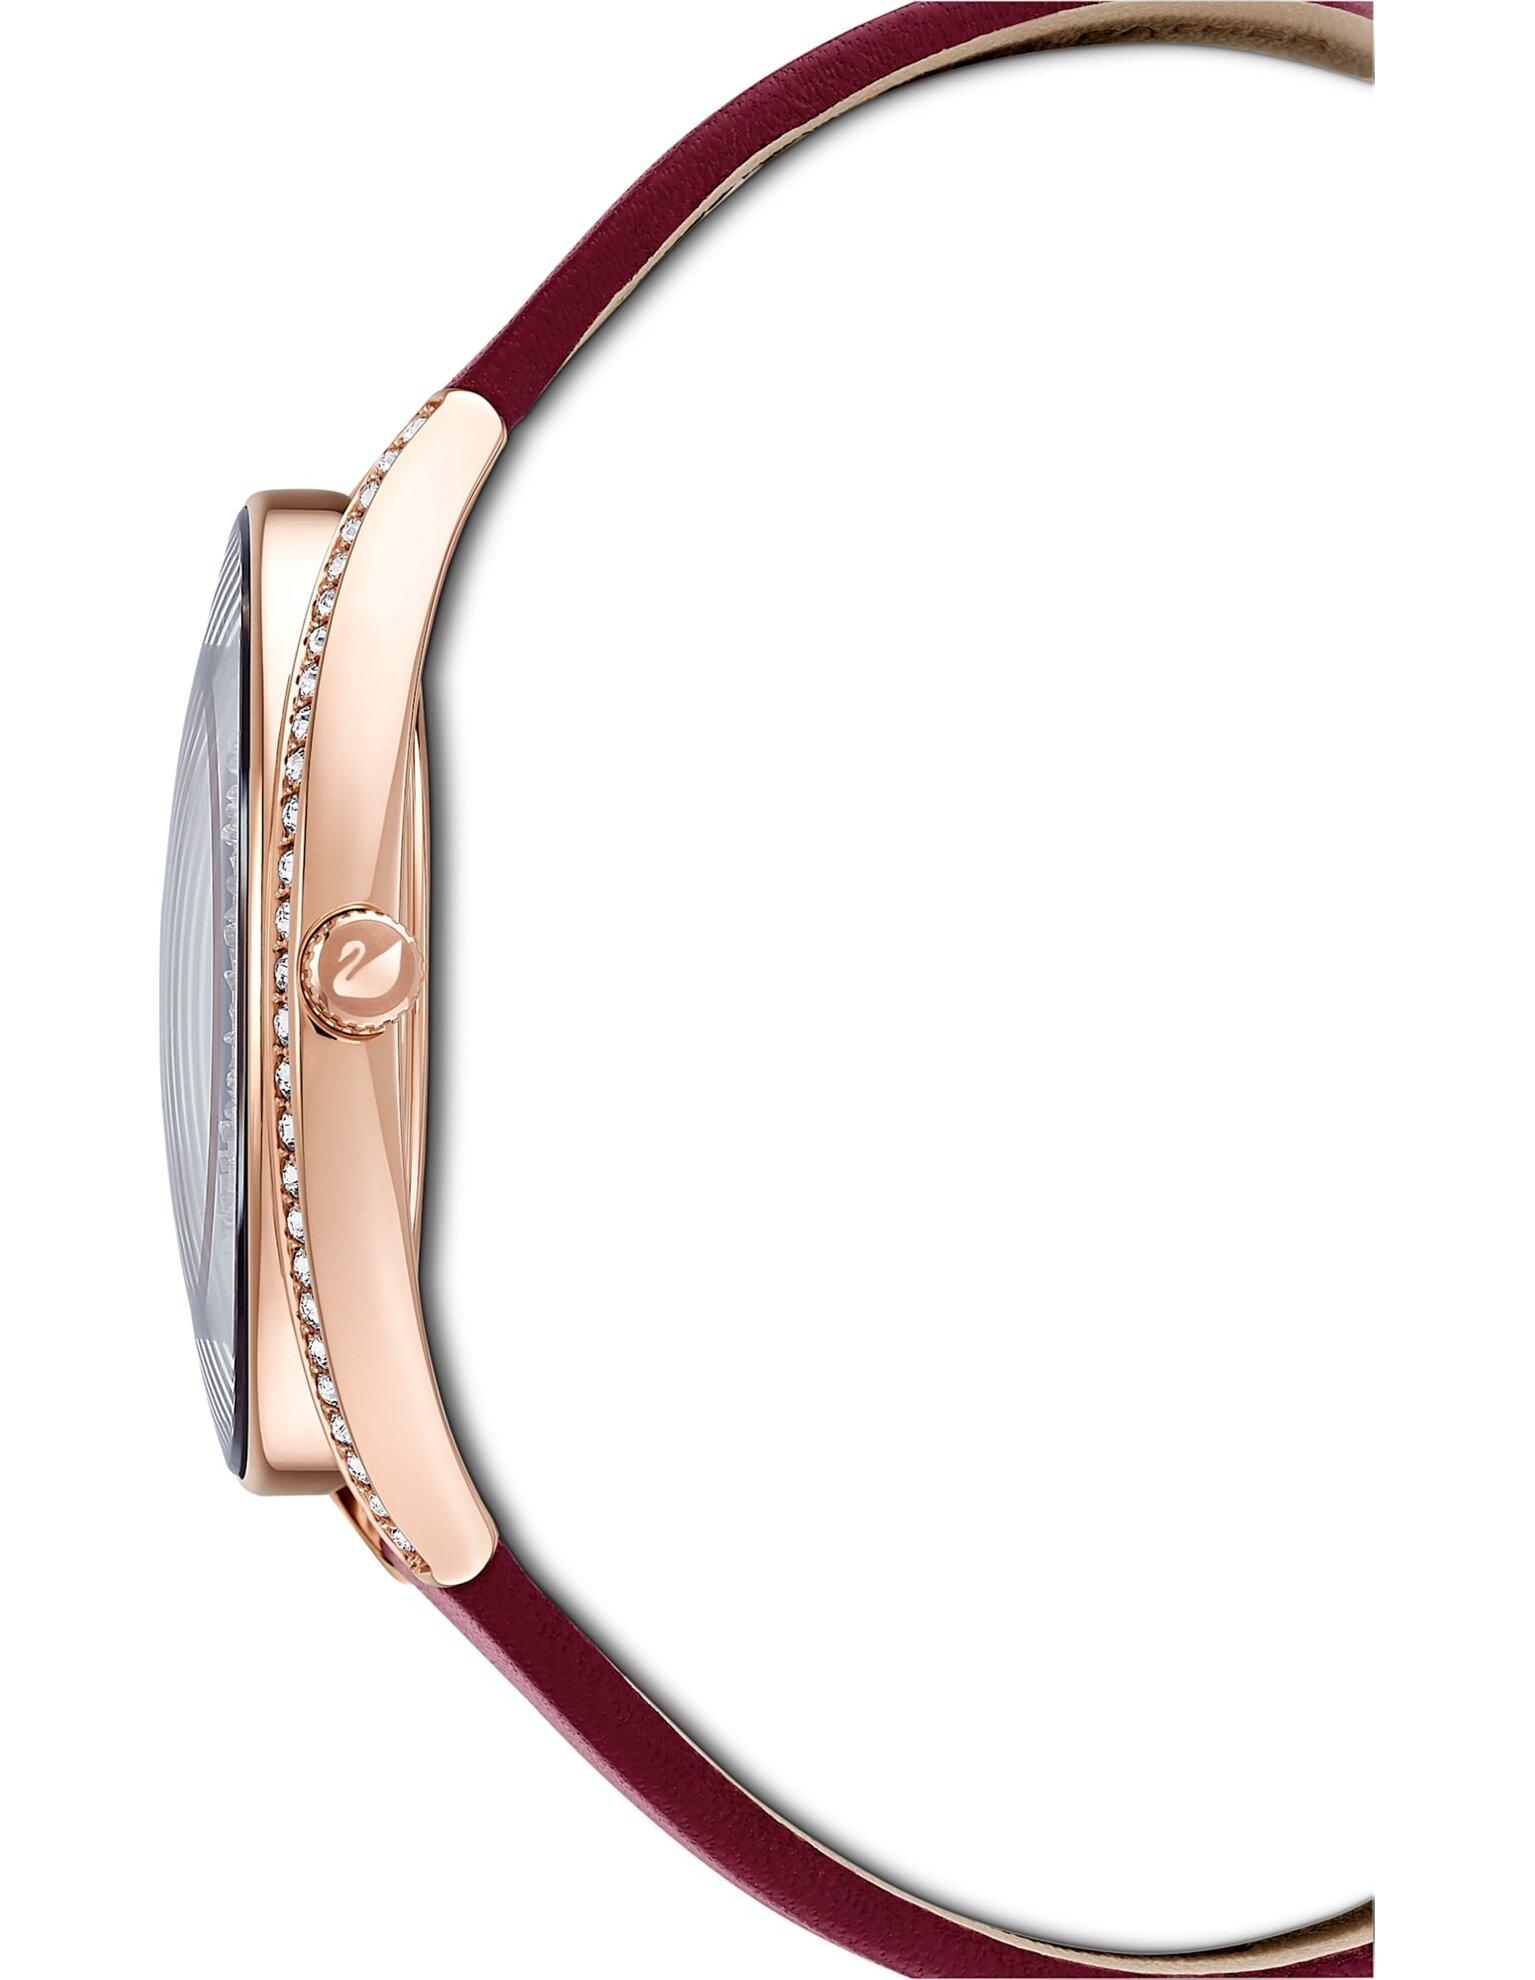 Picture of Crystalline Aura Saat, Deri kayış, Kırmızı, Pembe altın rengi PVD